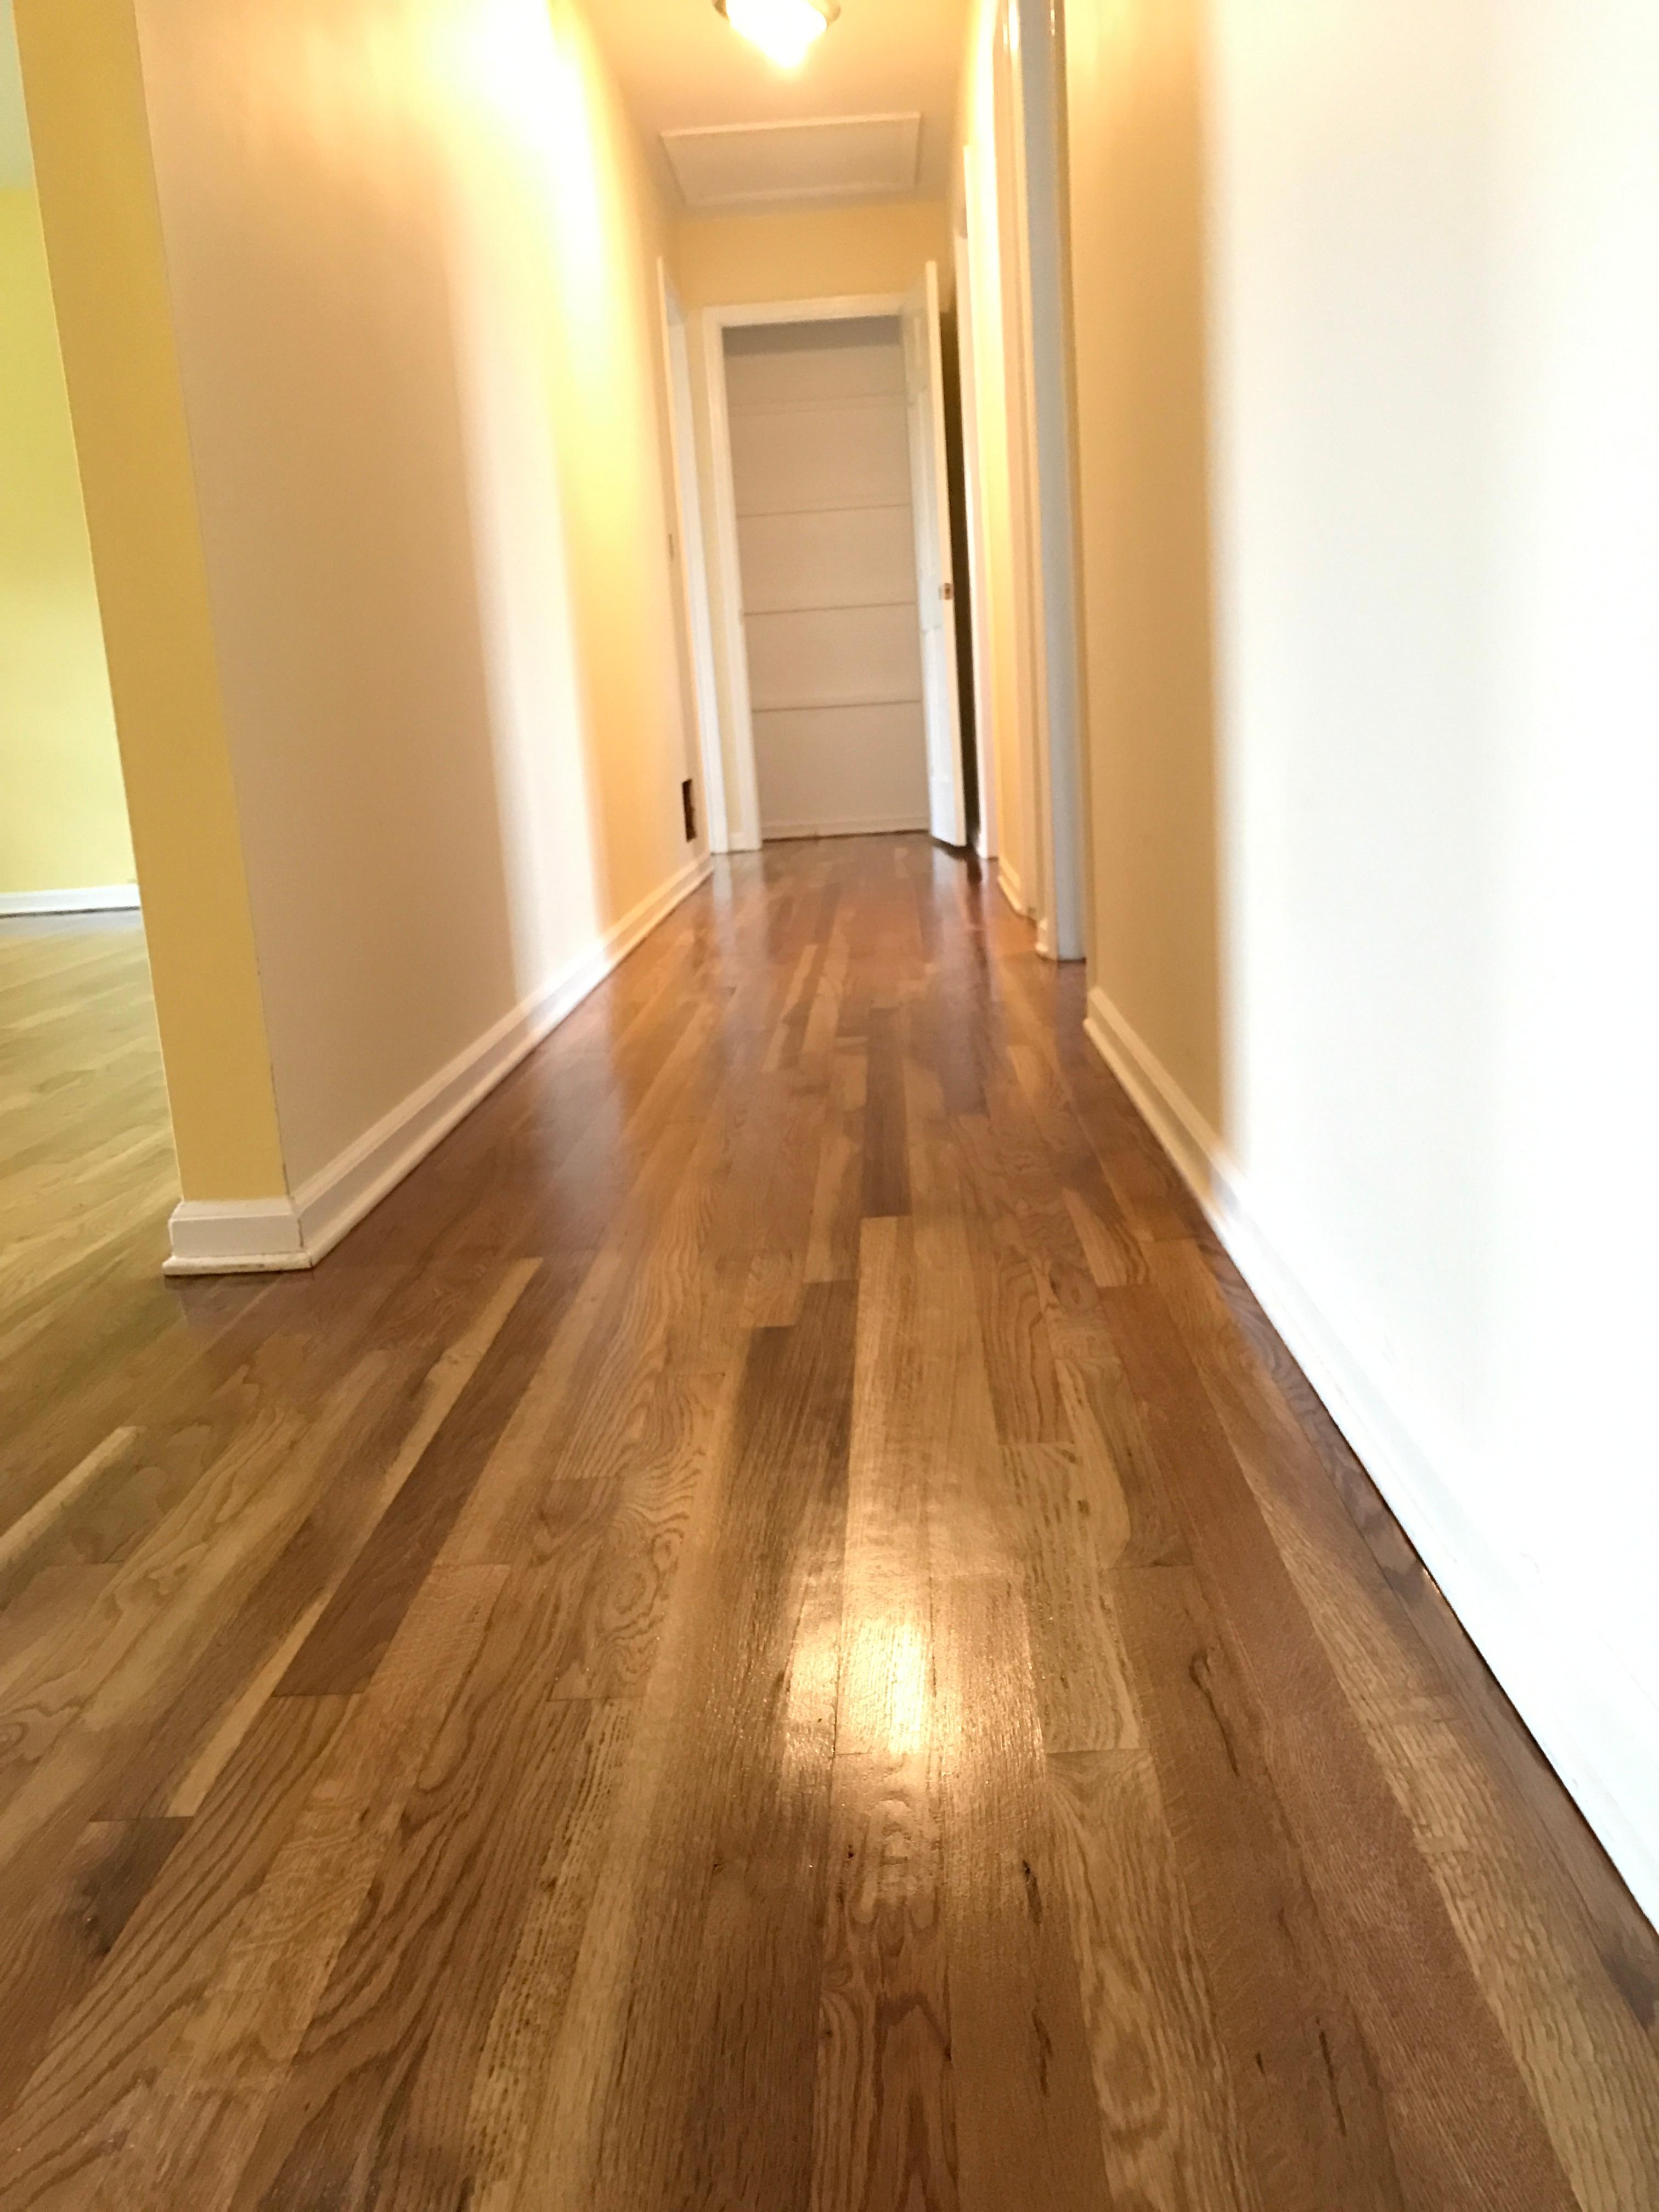 Vgj floors long branch new jersey for Floors floors floors nj